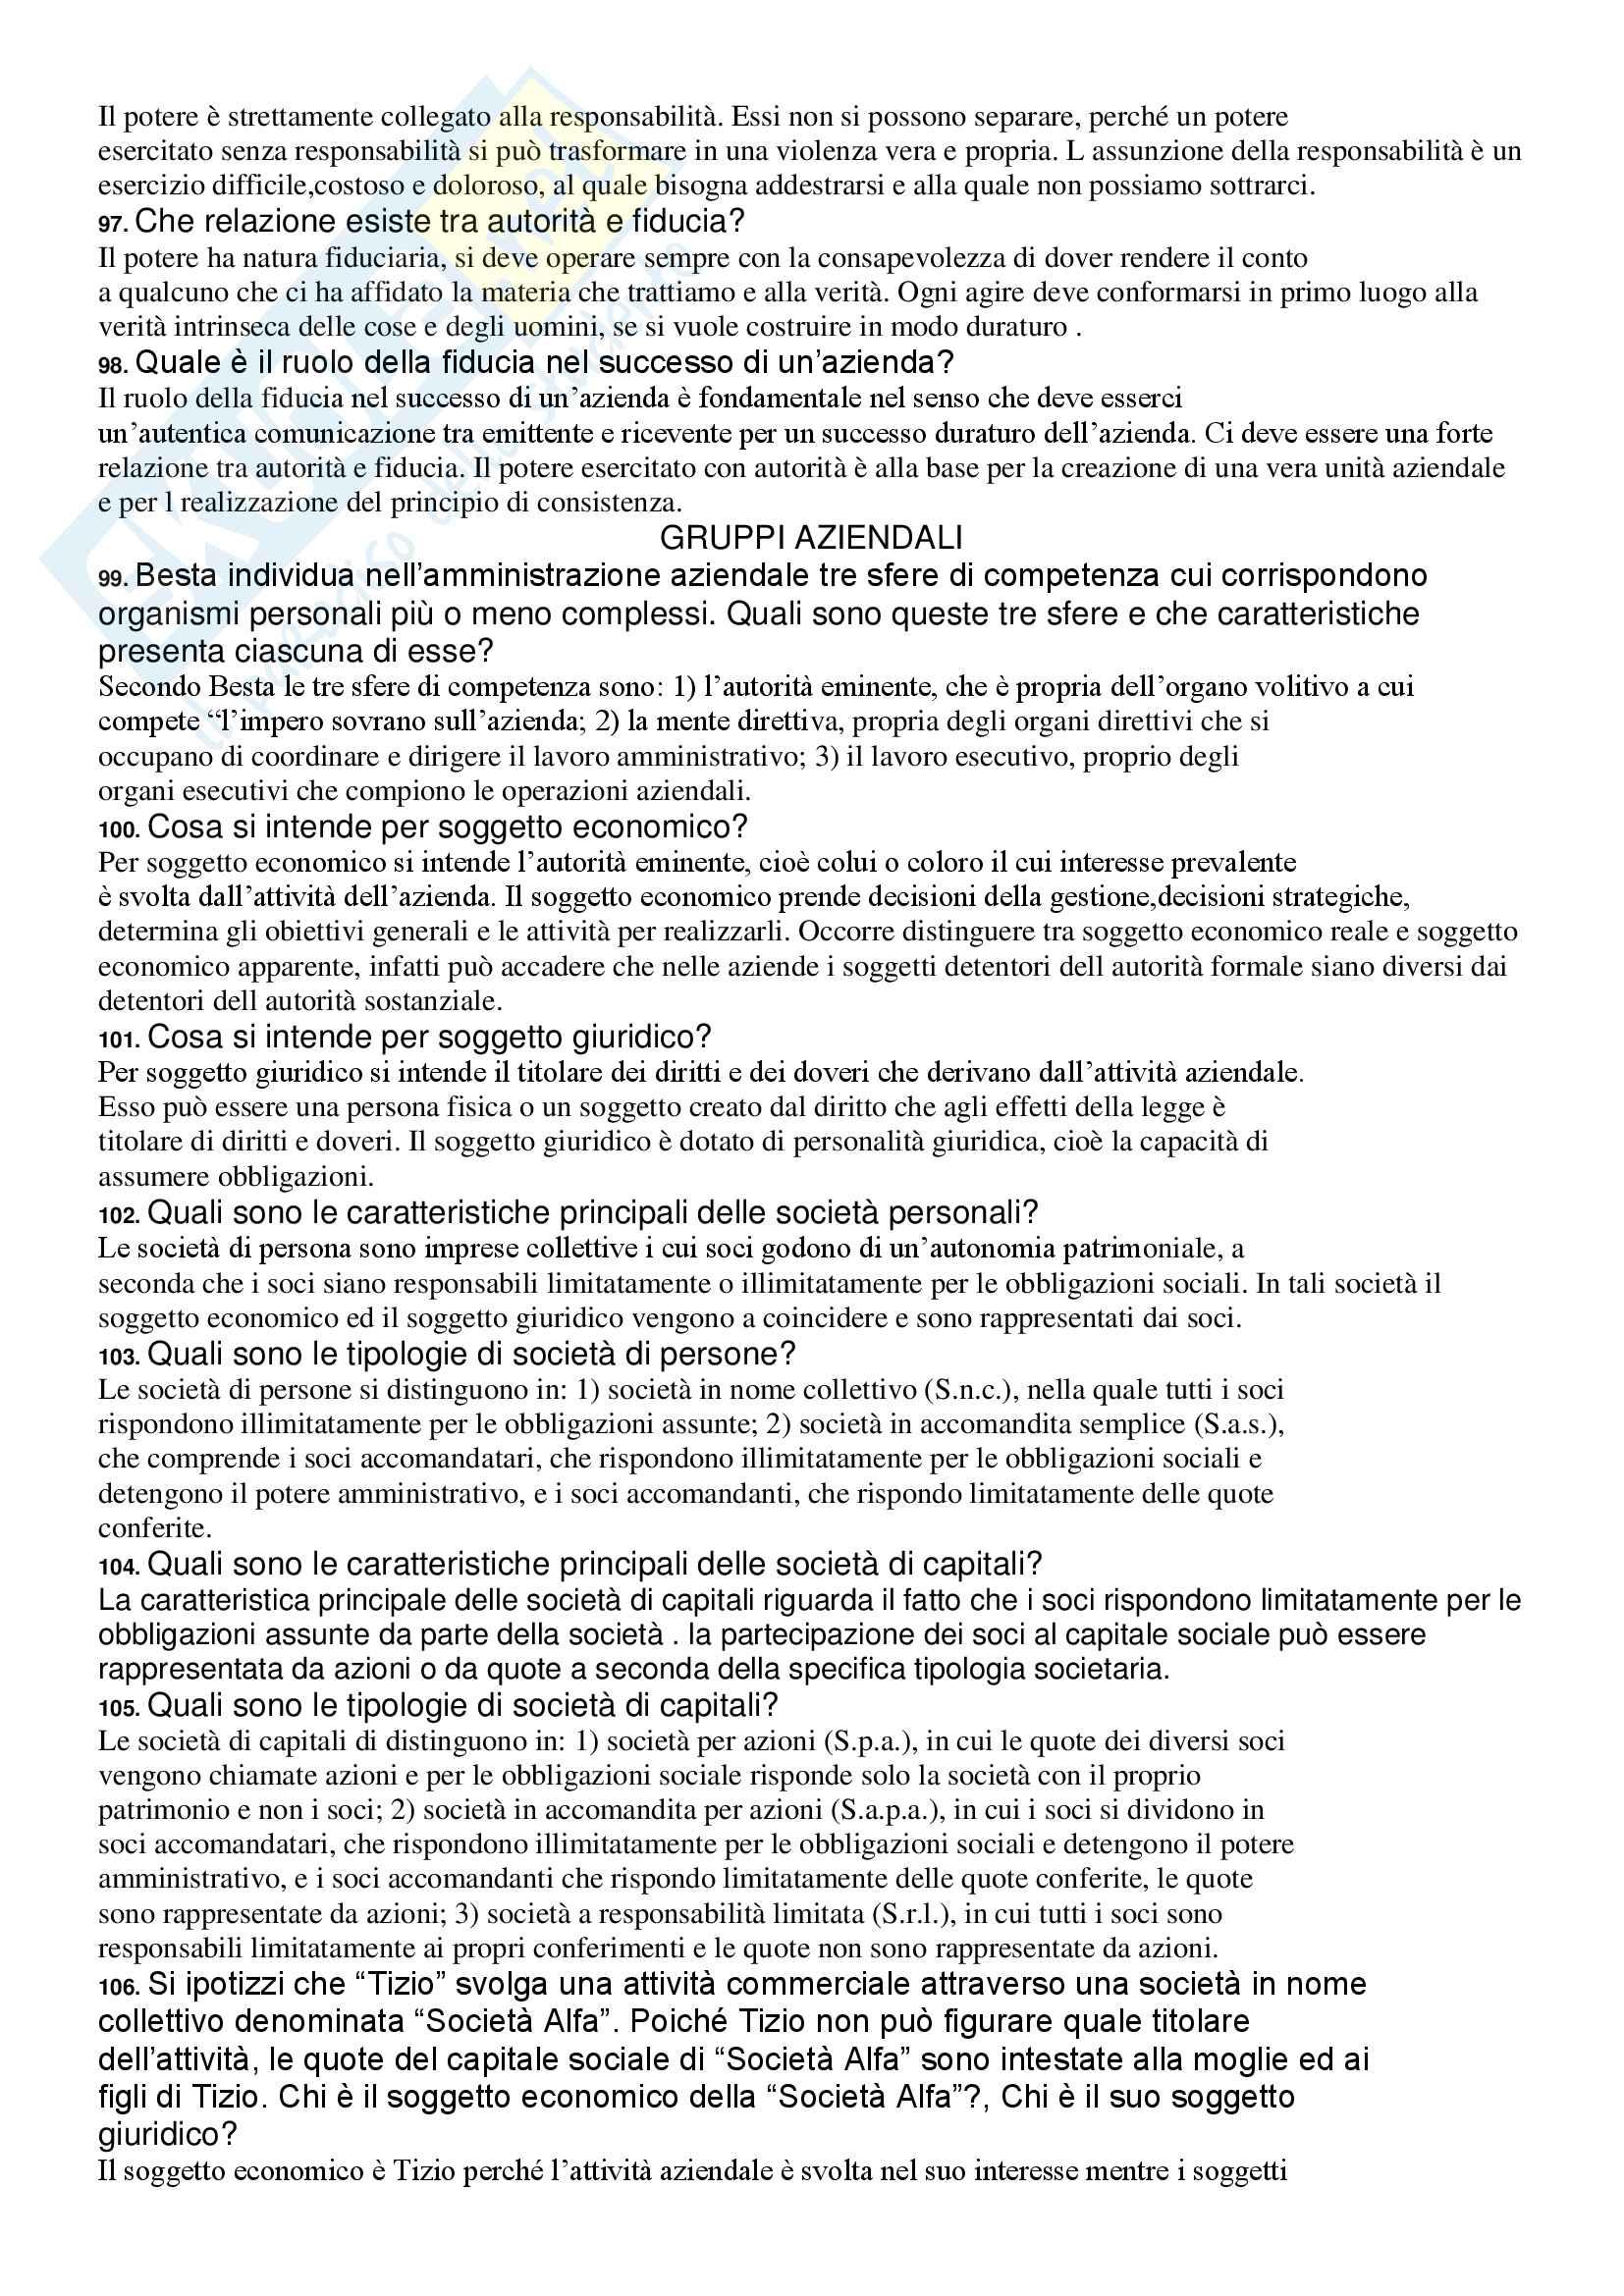 Economia aziendale - 214 domande d'esame con risposta Pag. 11